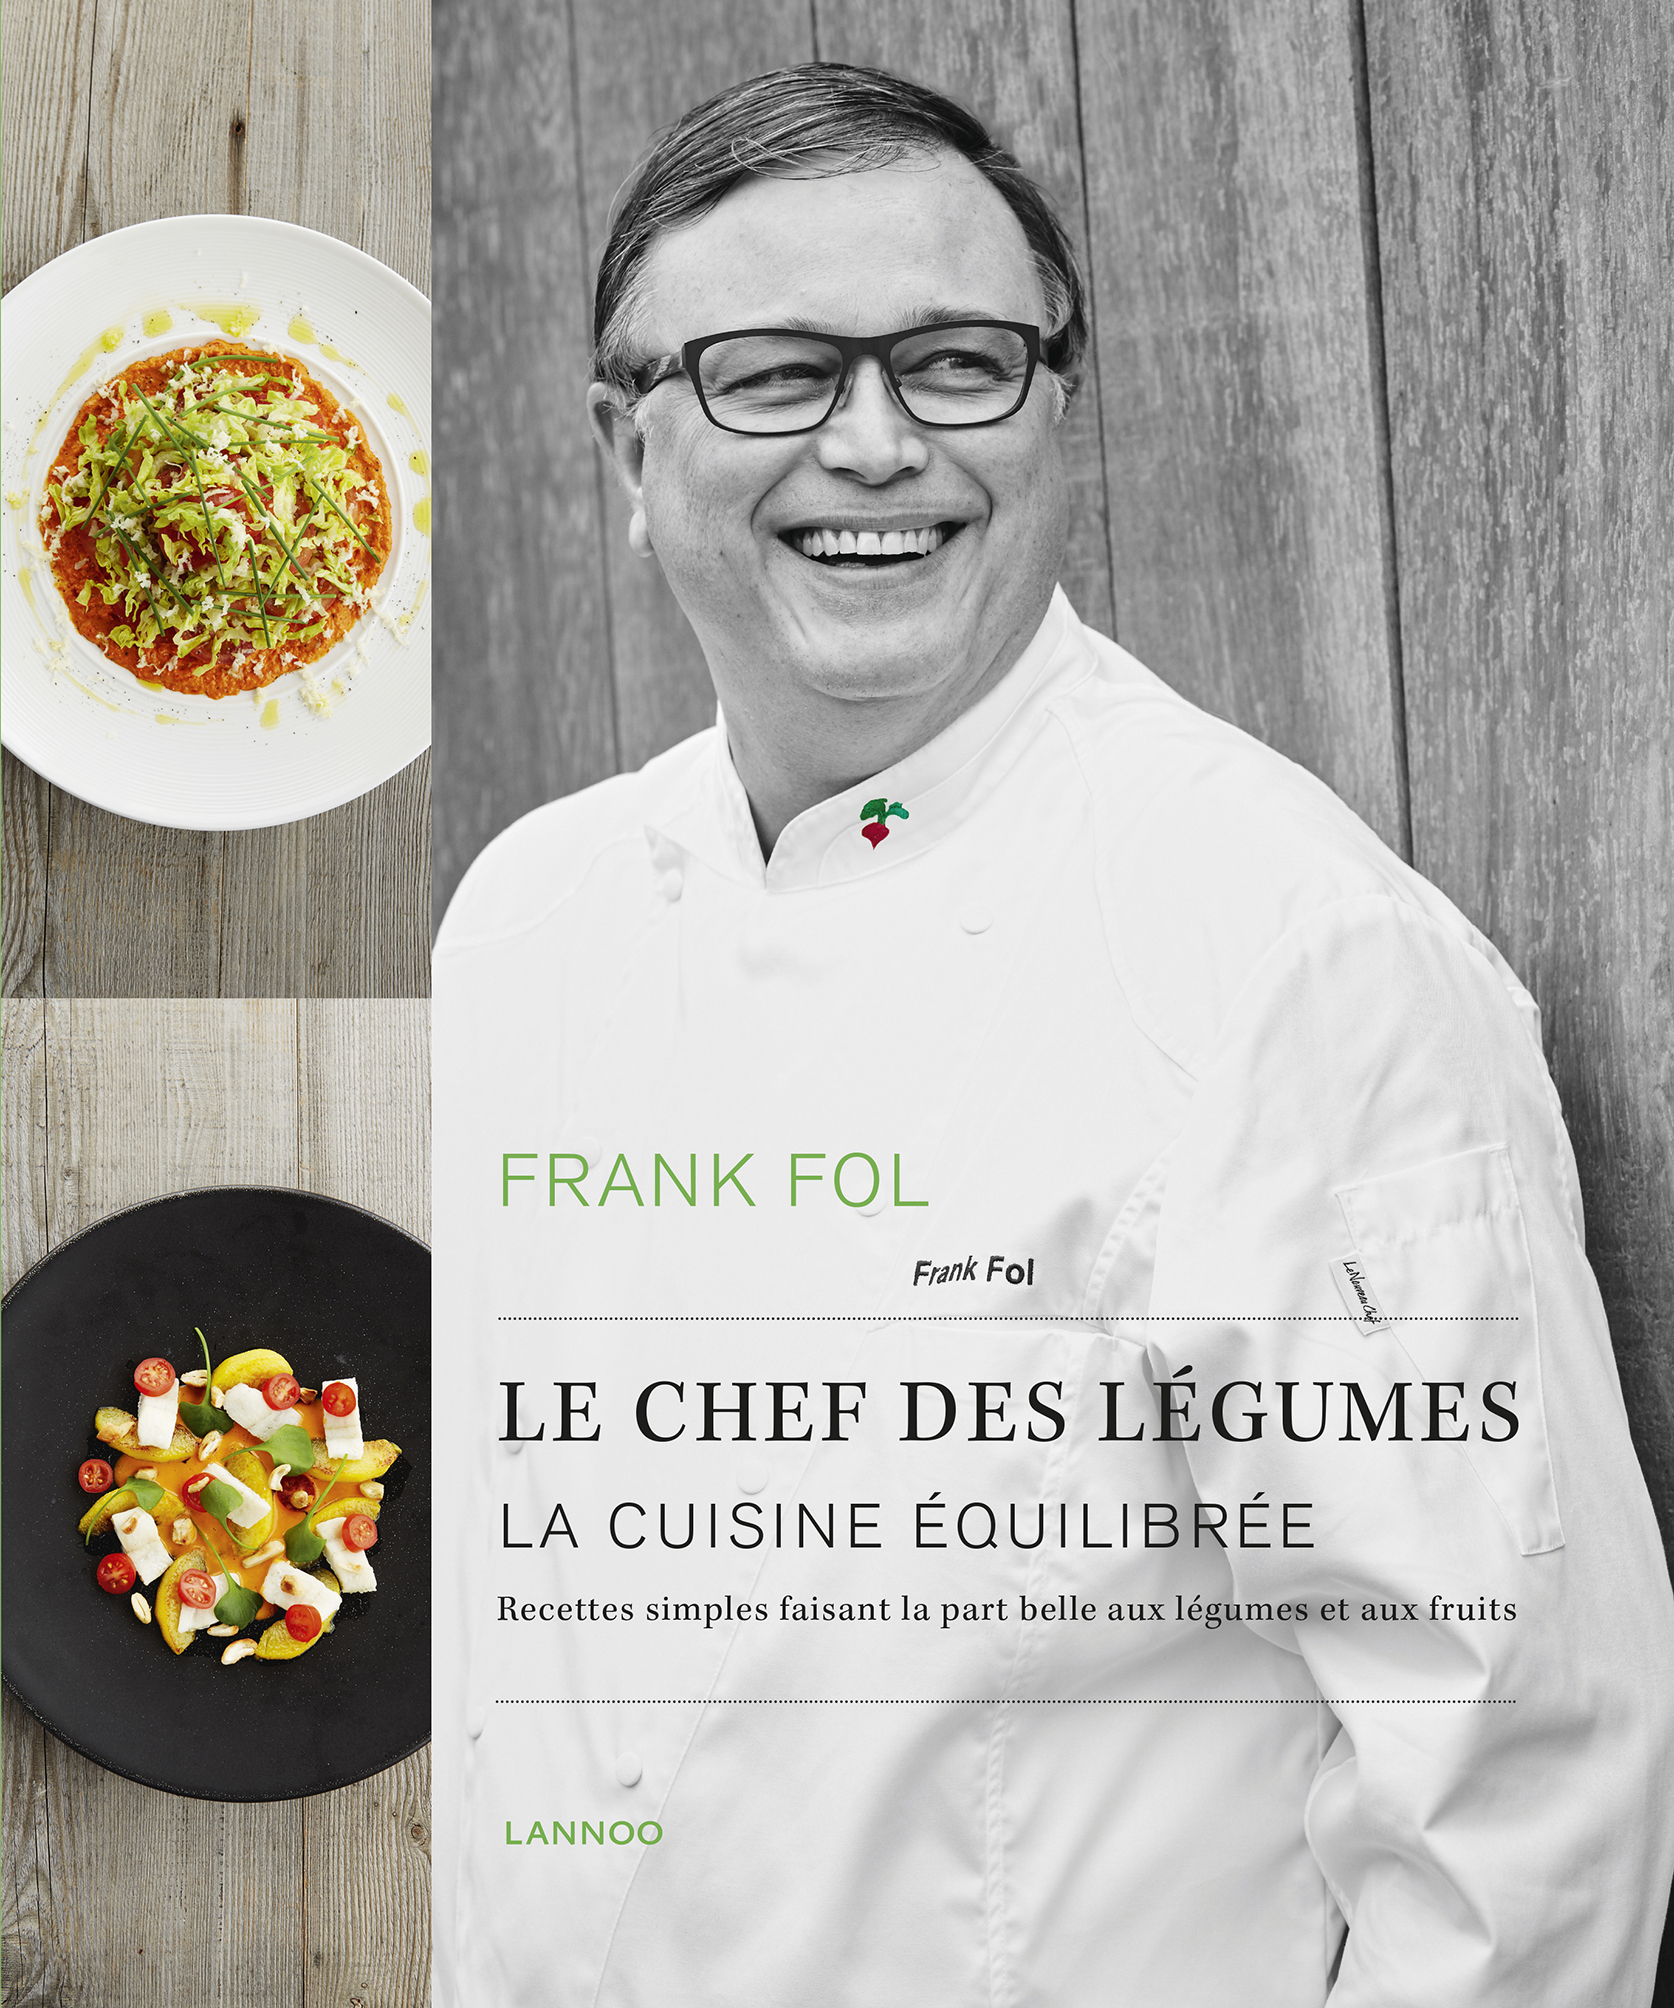 photo couverture livre frank fol